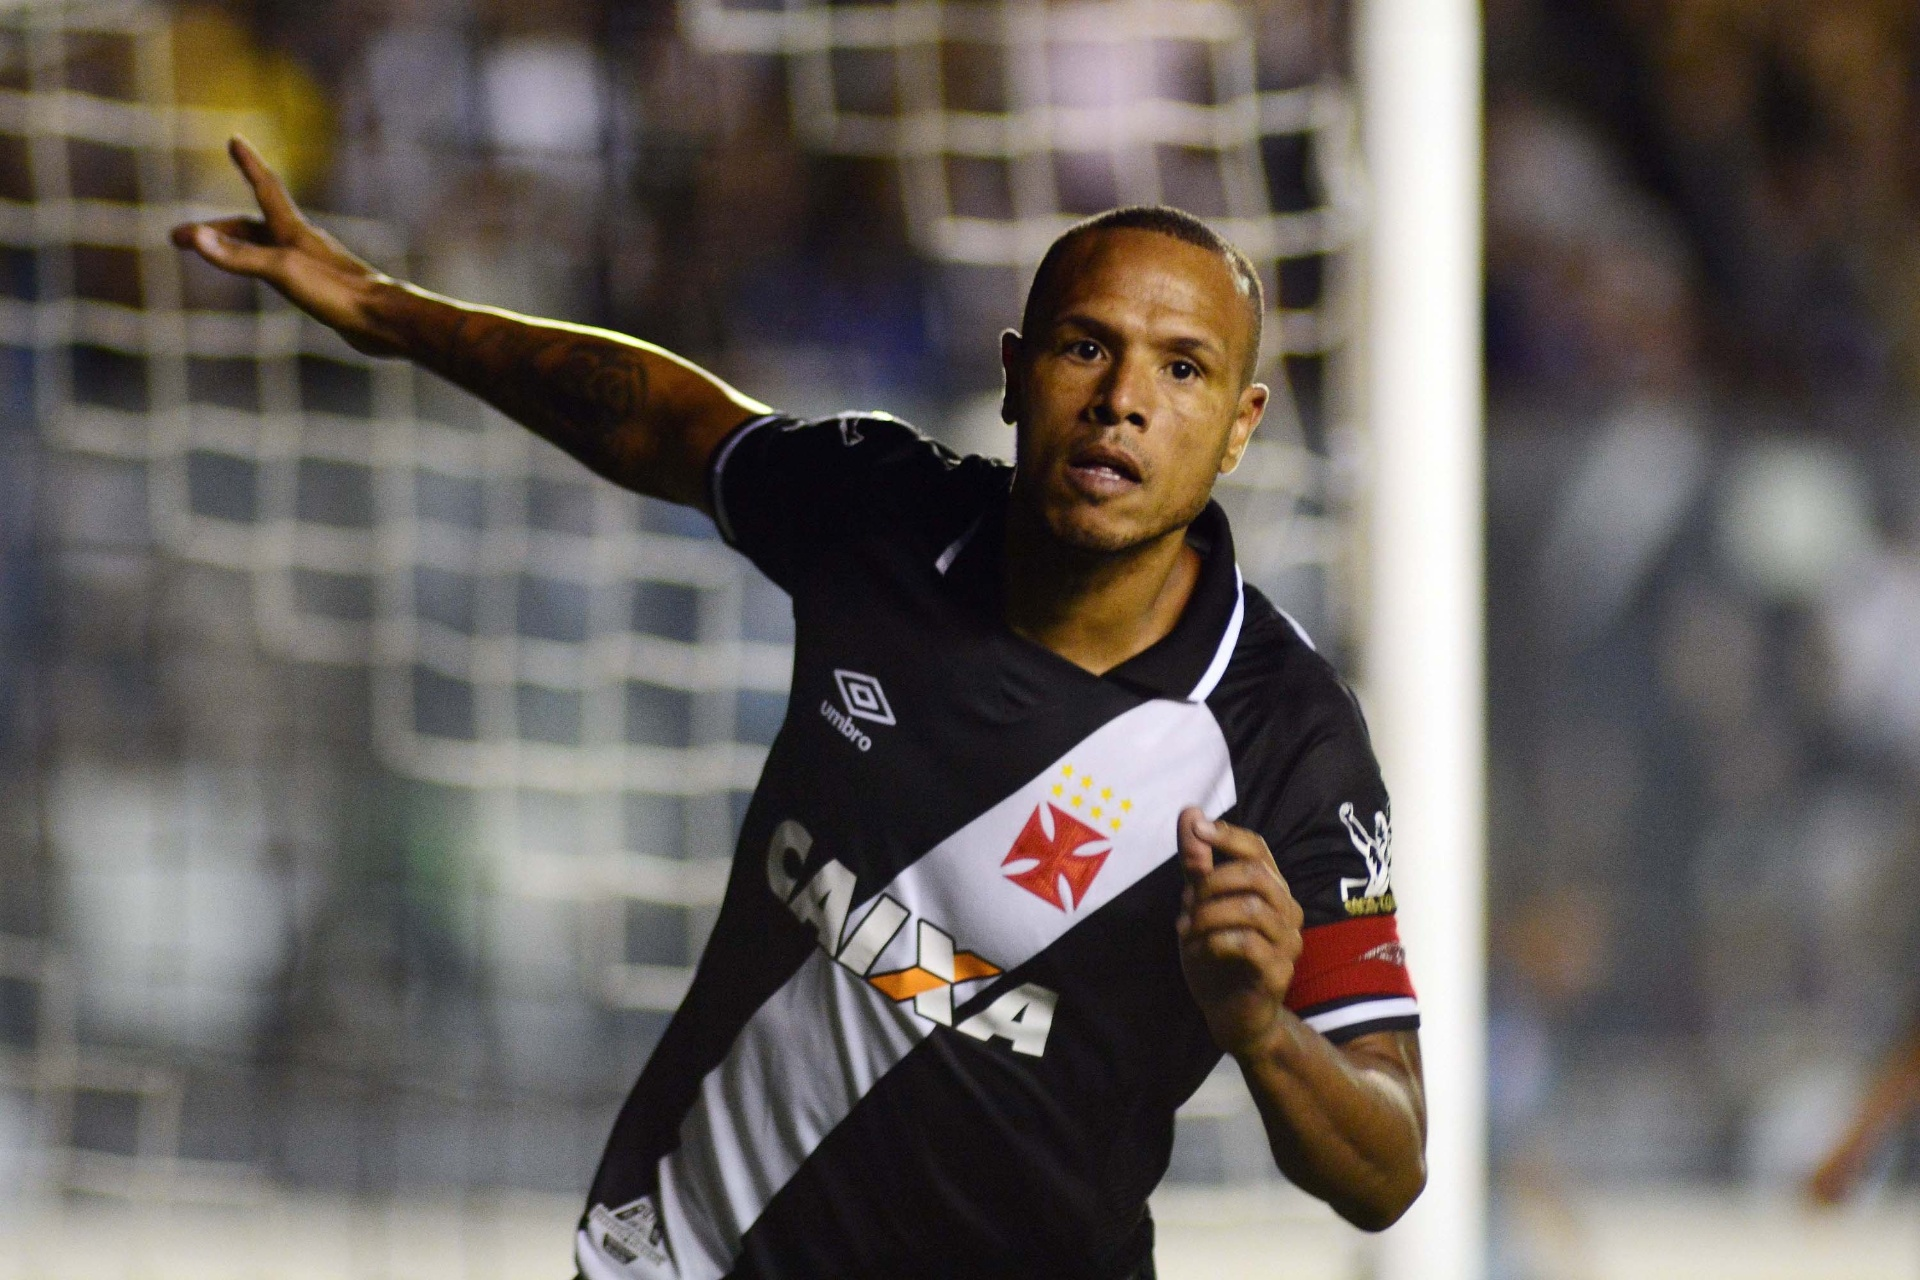 Vasco muda após entrada de Nenê e vence Sport com mais um de Luis Fabiano -  10 06 2017 - UOL Esporte 92e49d516d546